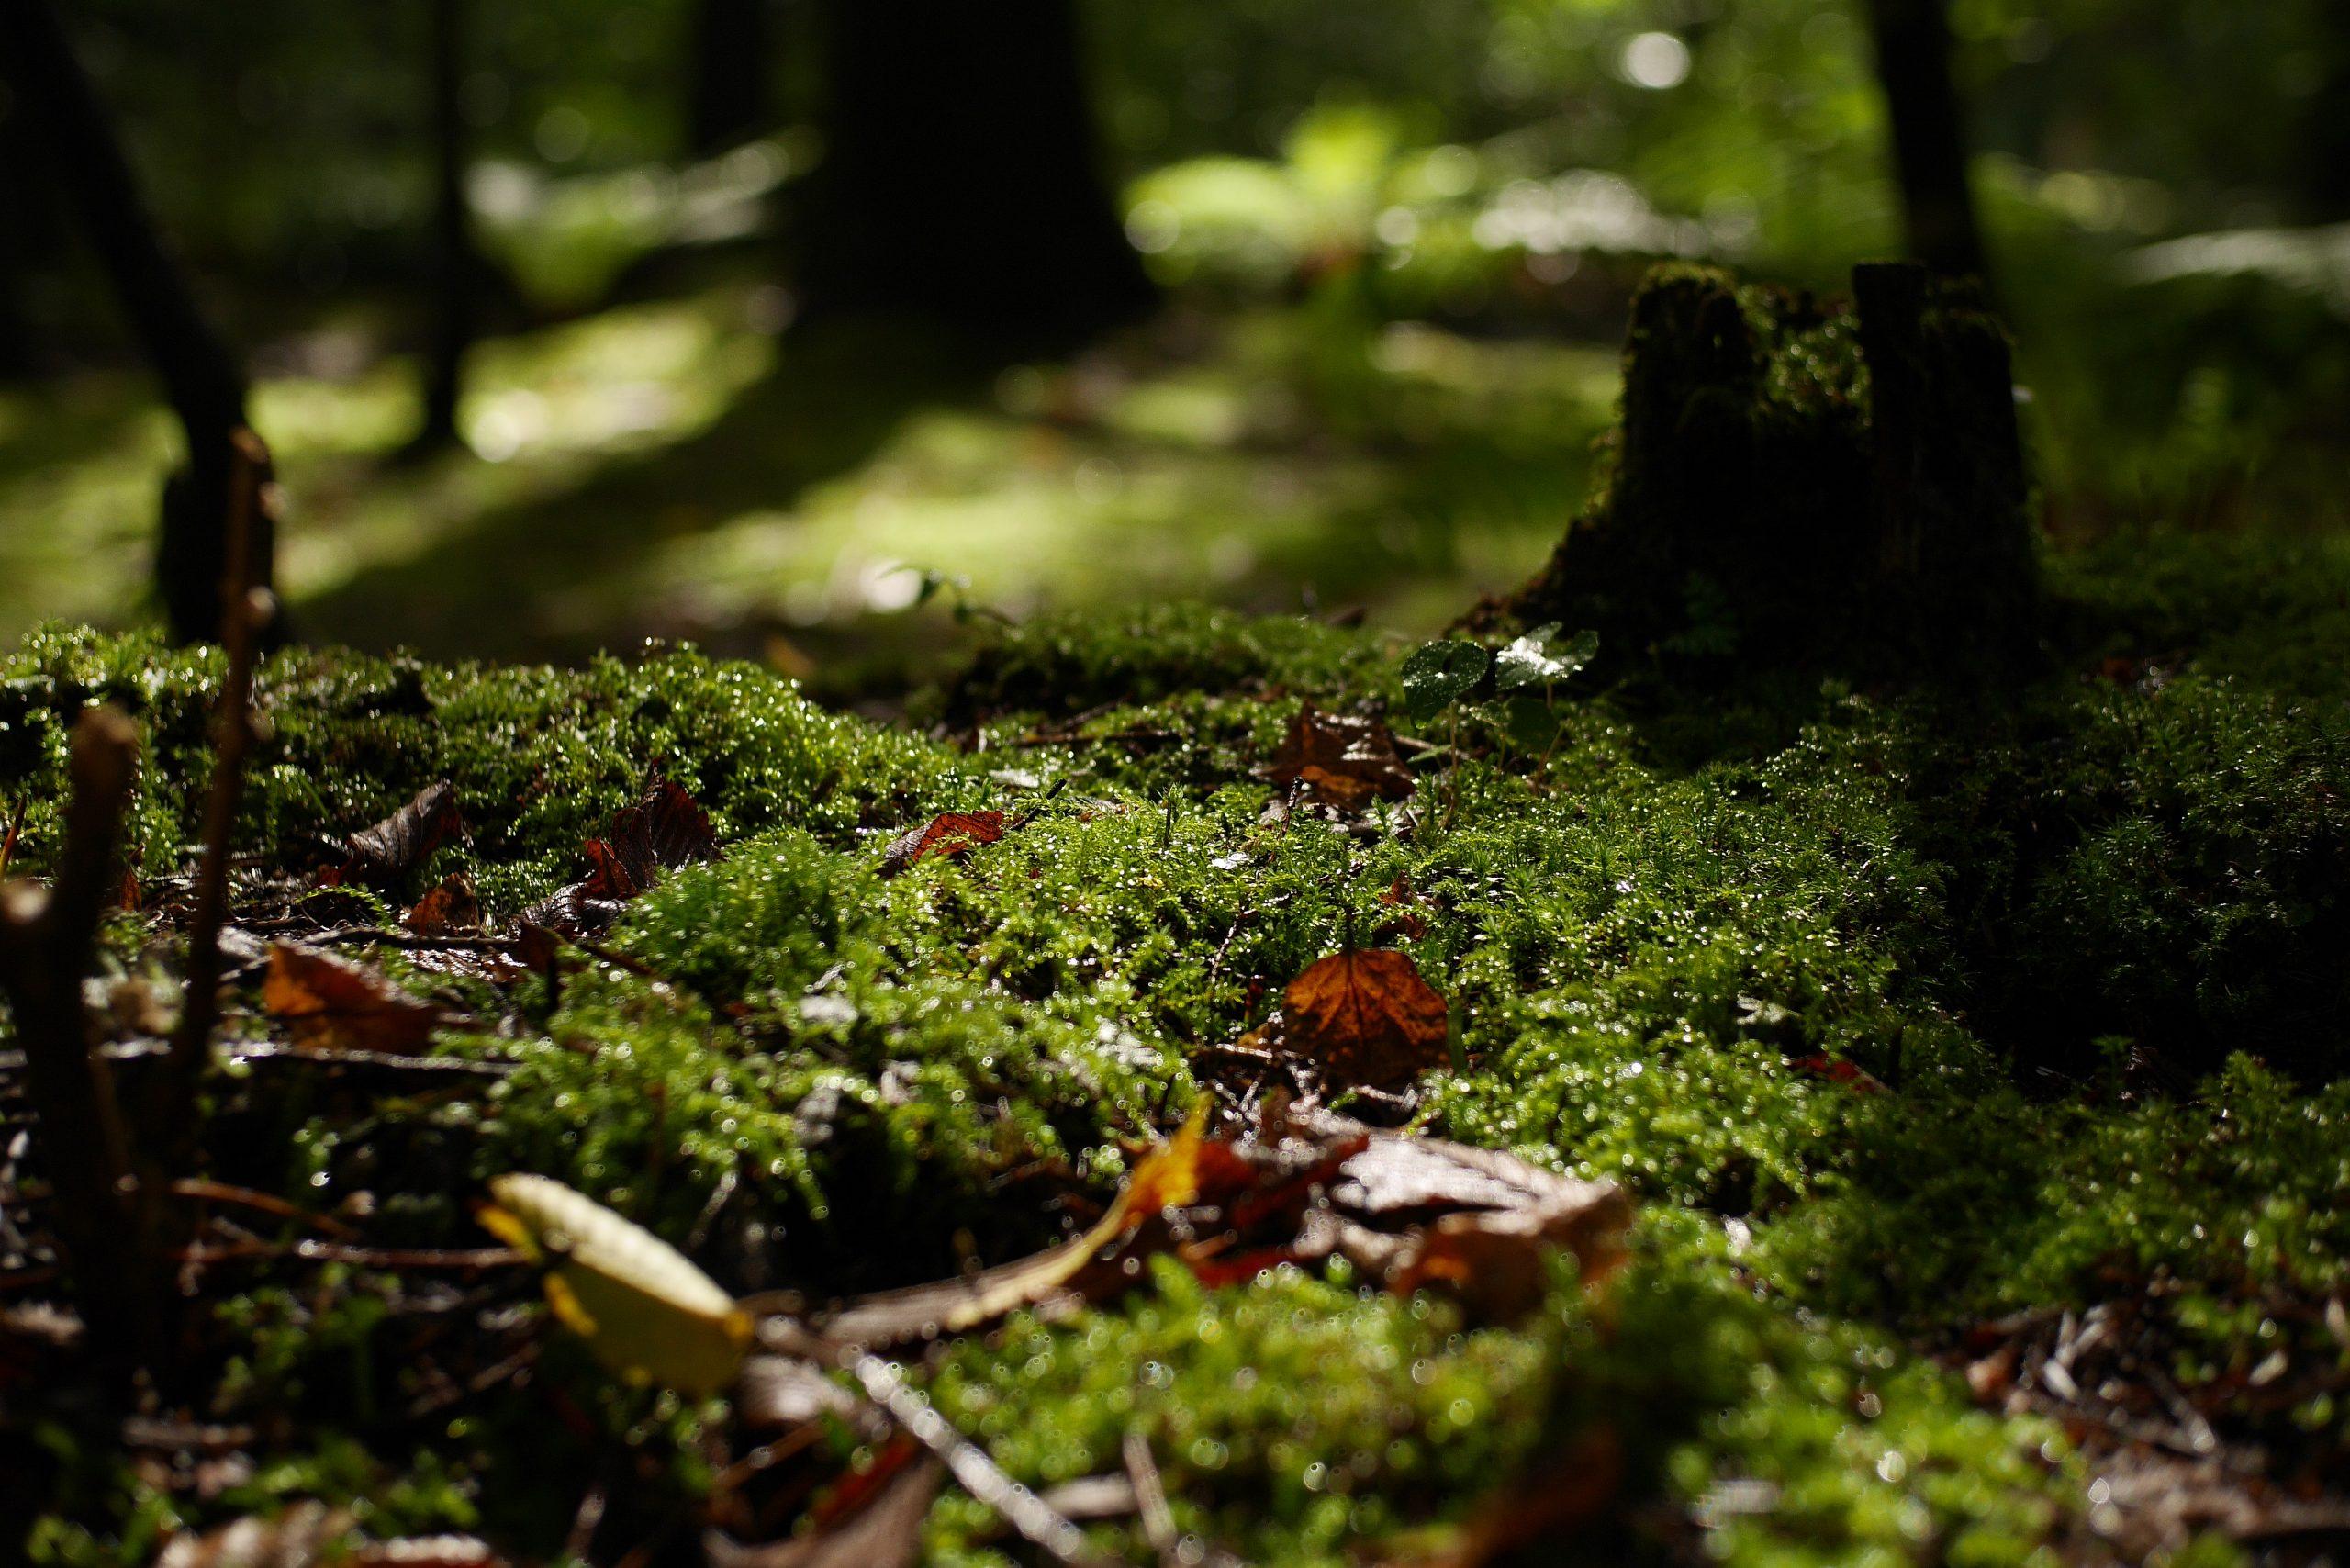 【Panasonic】マイクロフォーサーズで身軽に、秋を感じる軽井沢 草津温泉の旅。